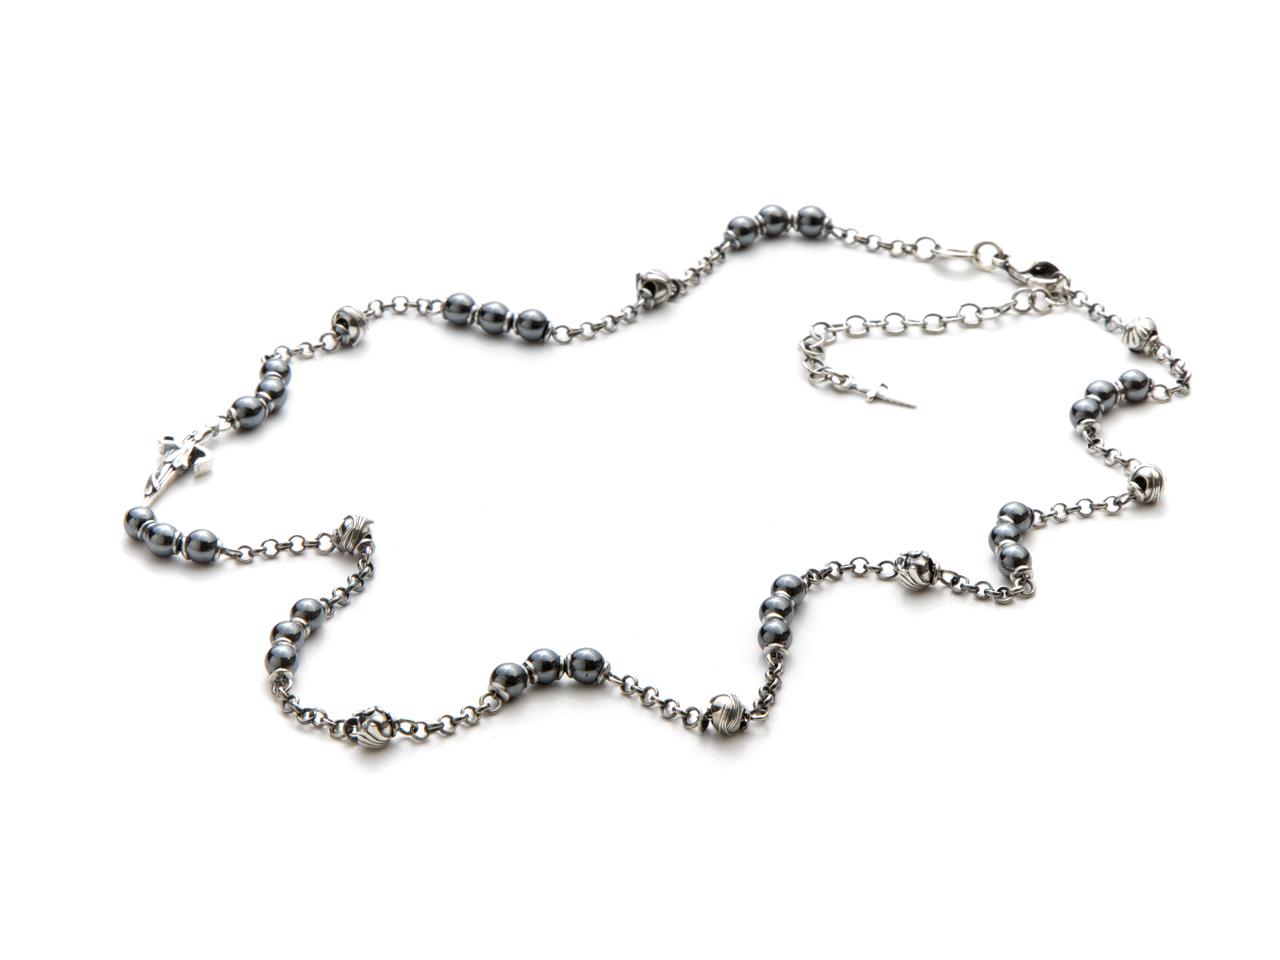 Cesare Paciotti, Collana rosario in argento con sfere in ematite e argento